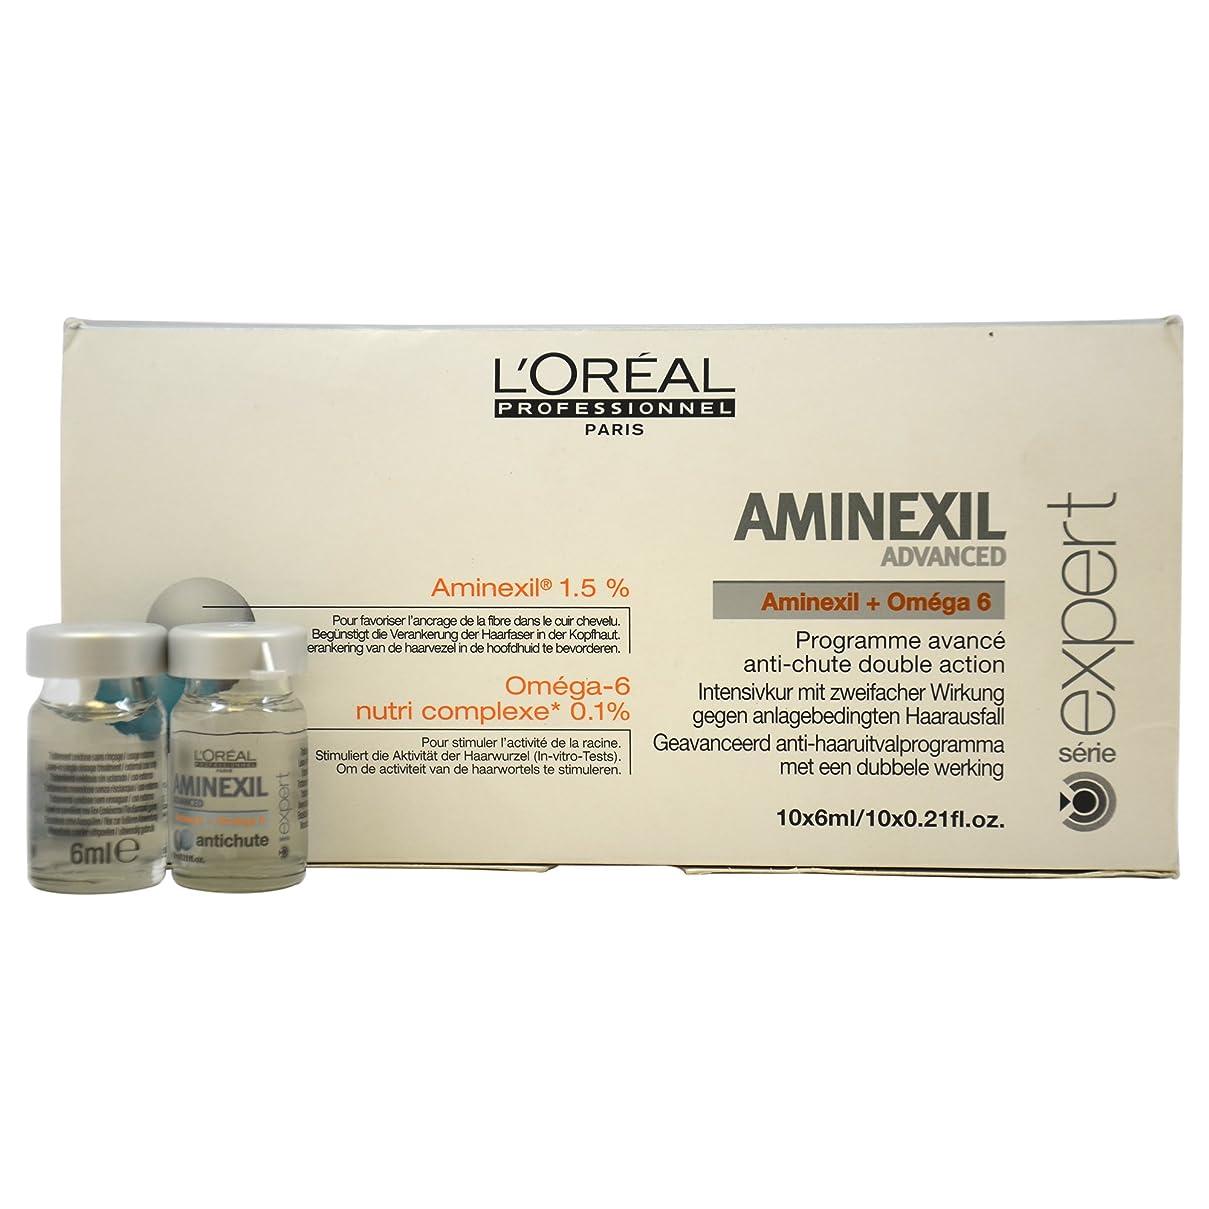 重々しい理解インディカロレアル エキスパート ア三ネクシル コントロール 10個 L'Oreal Expert Aminexil Control 10 Units Advanced [並行輸入品]